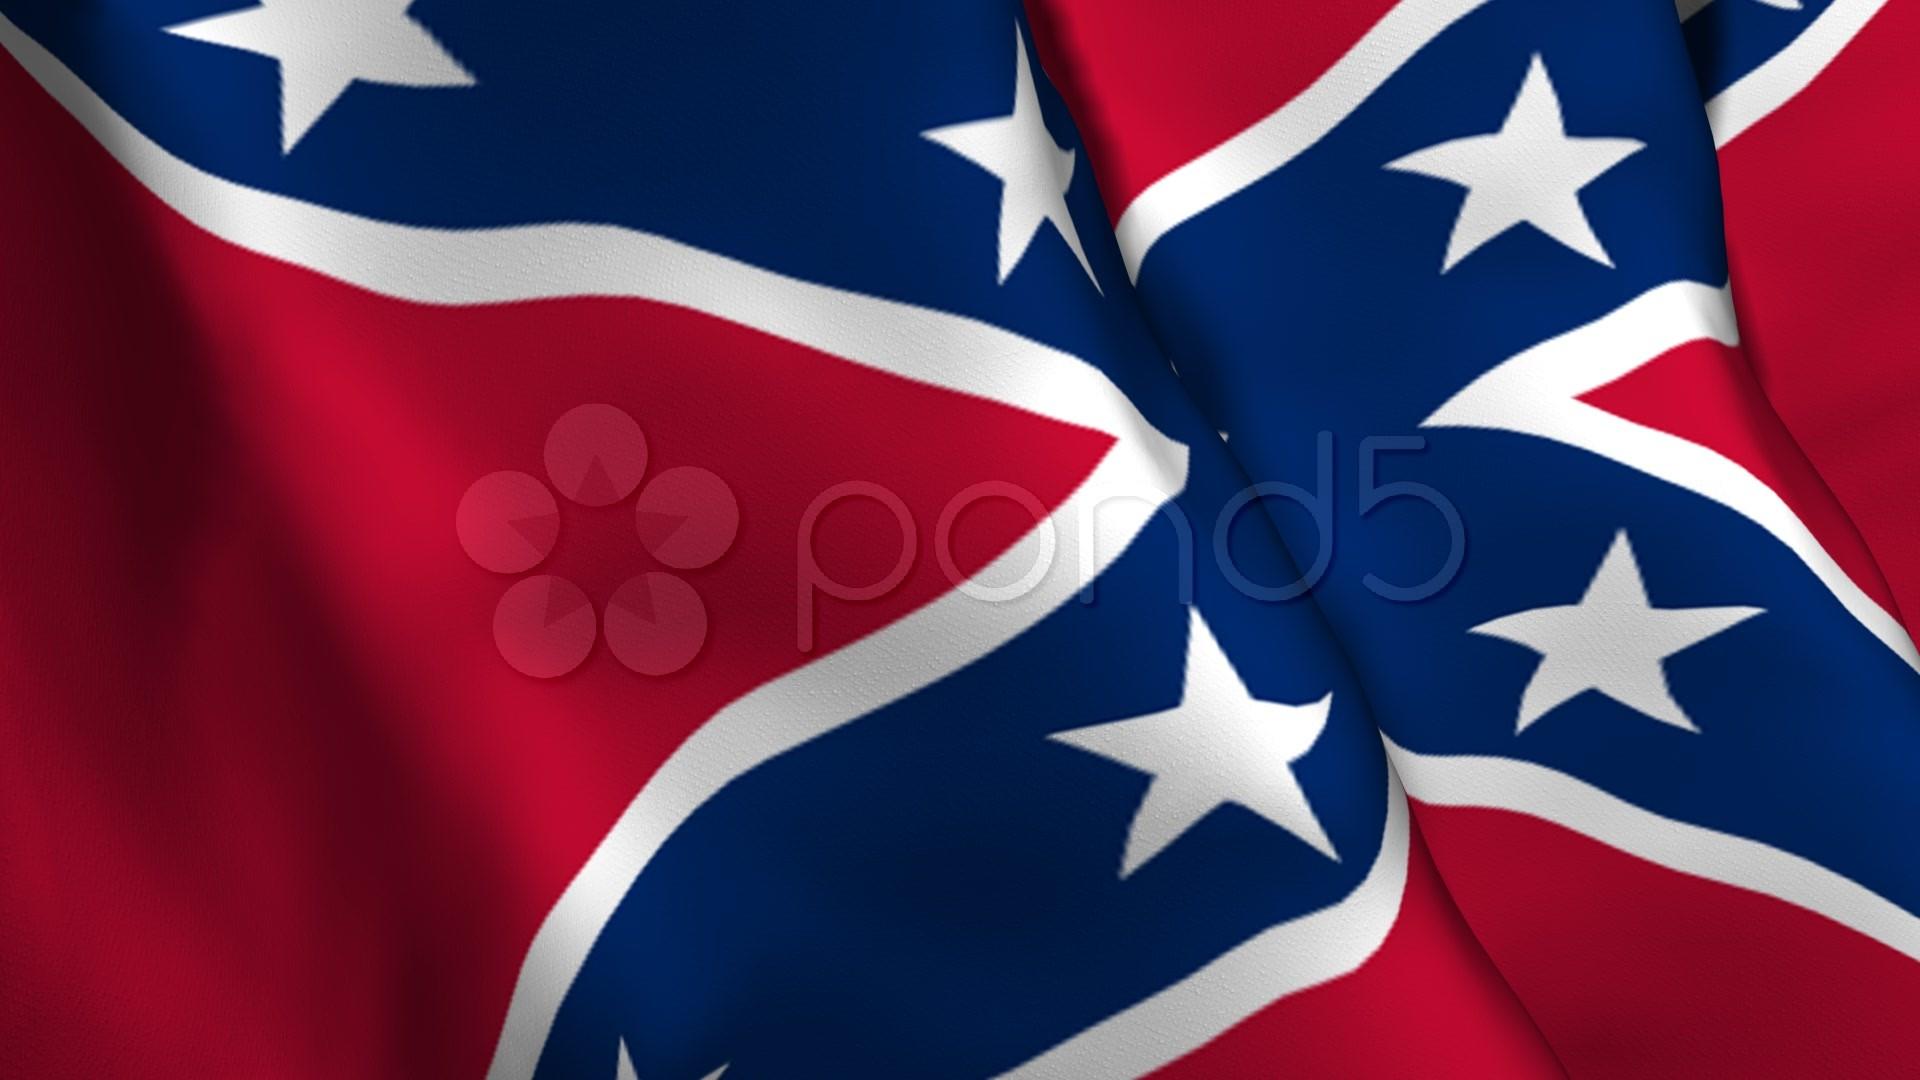 Download Free Rebel Flag Live Wallpaper